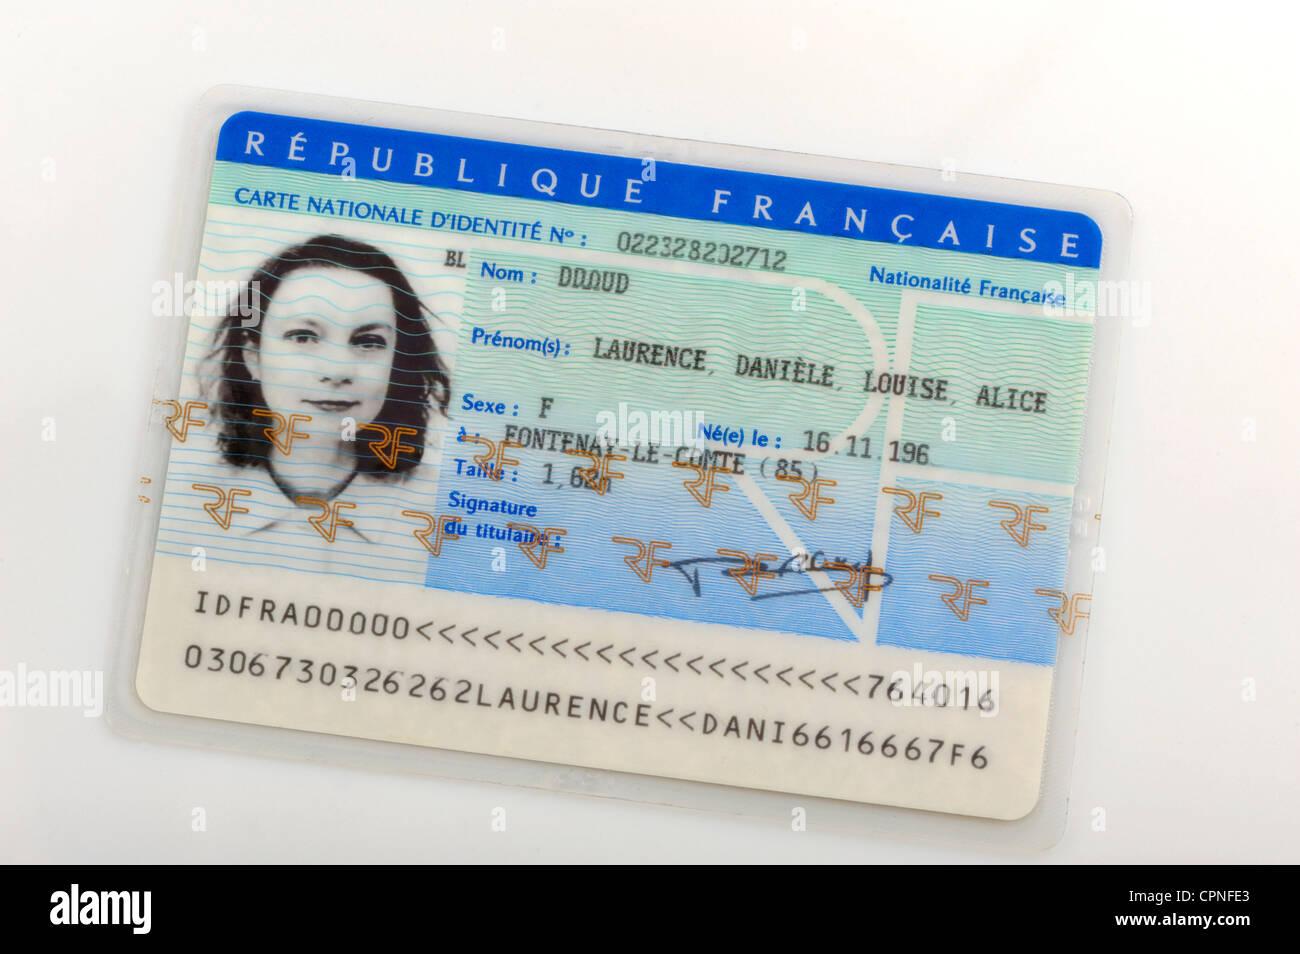 - Alamy Stock Card 48416315 Identity Photo